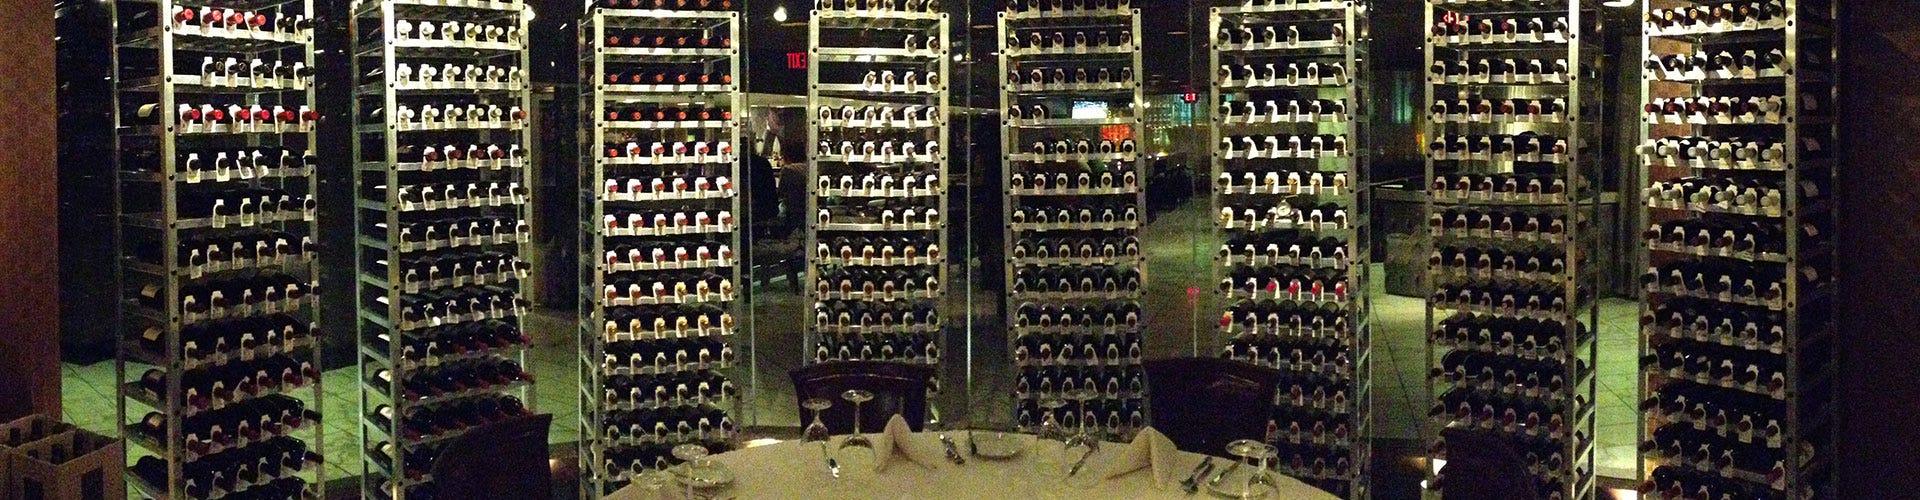 Aluminum Retail Wine Racks